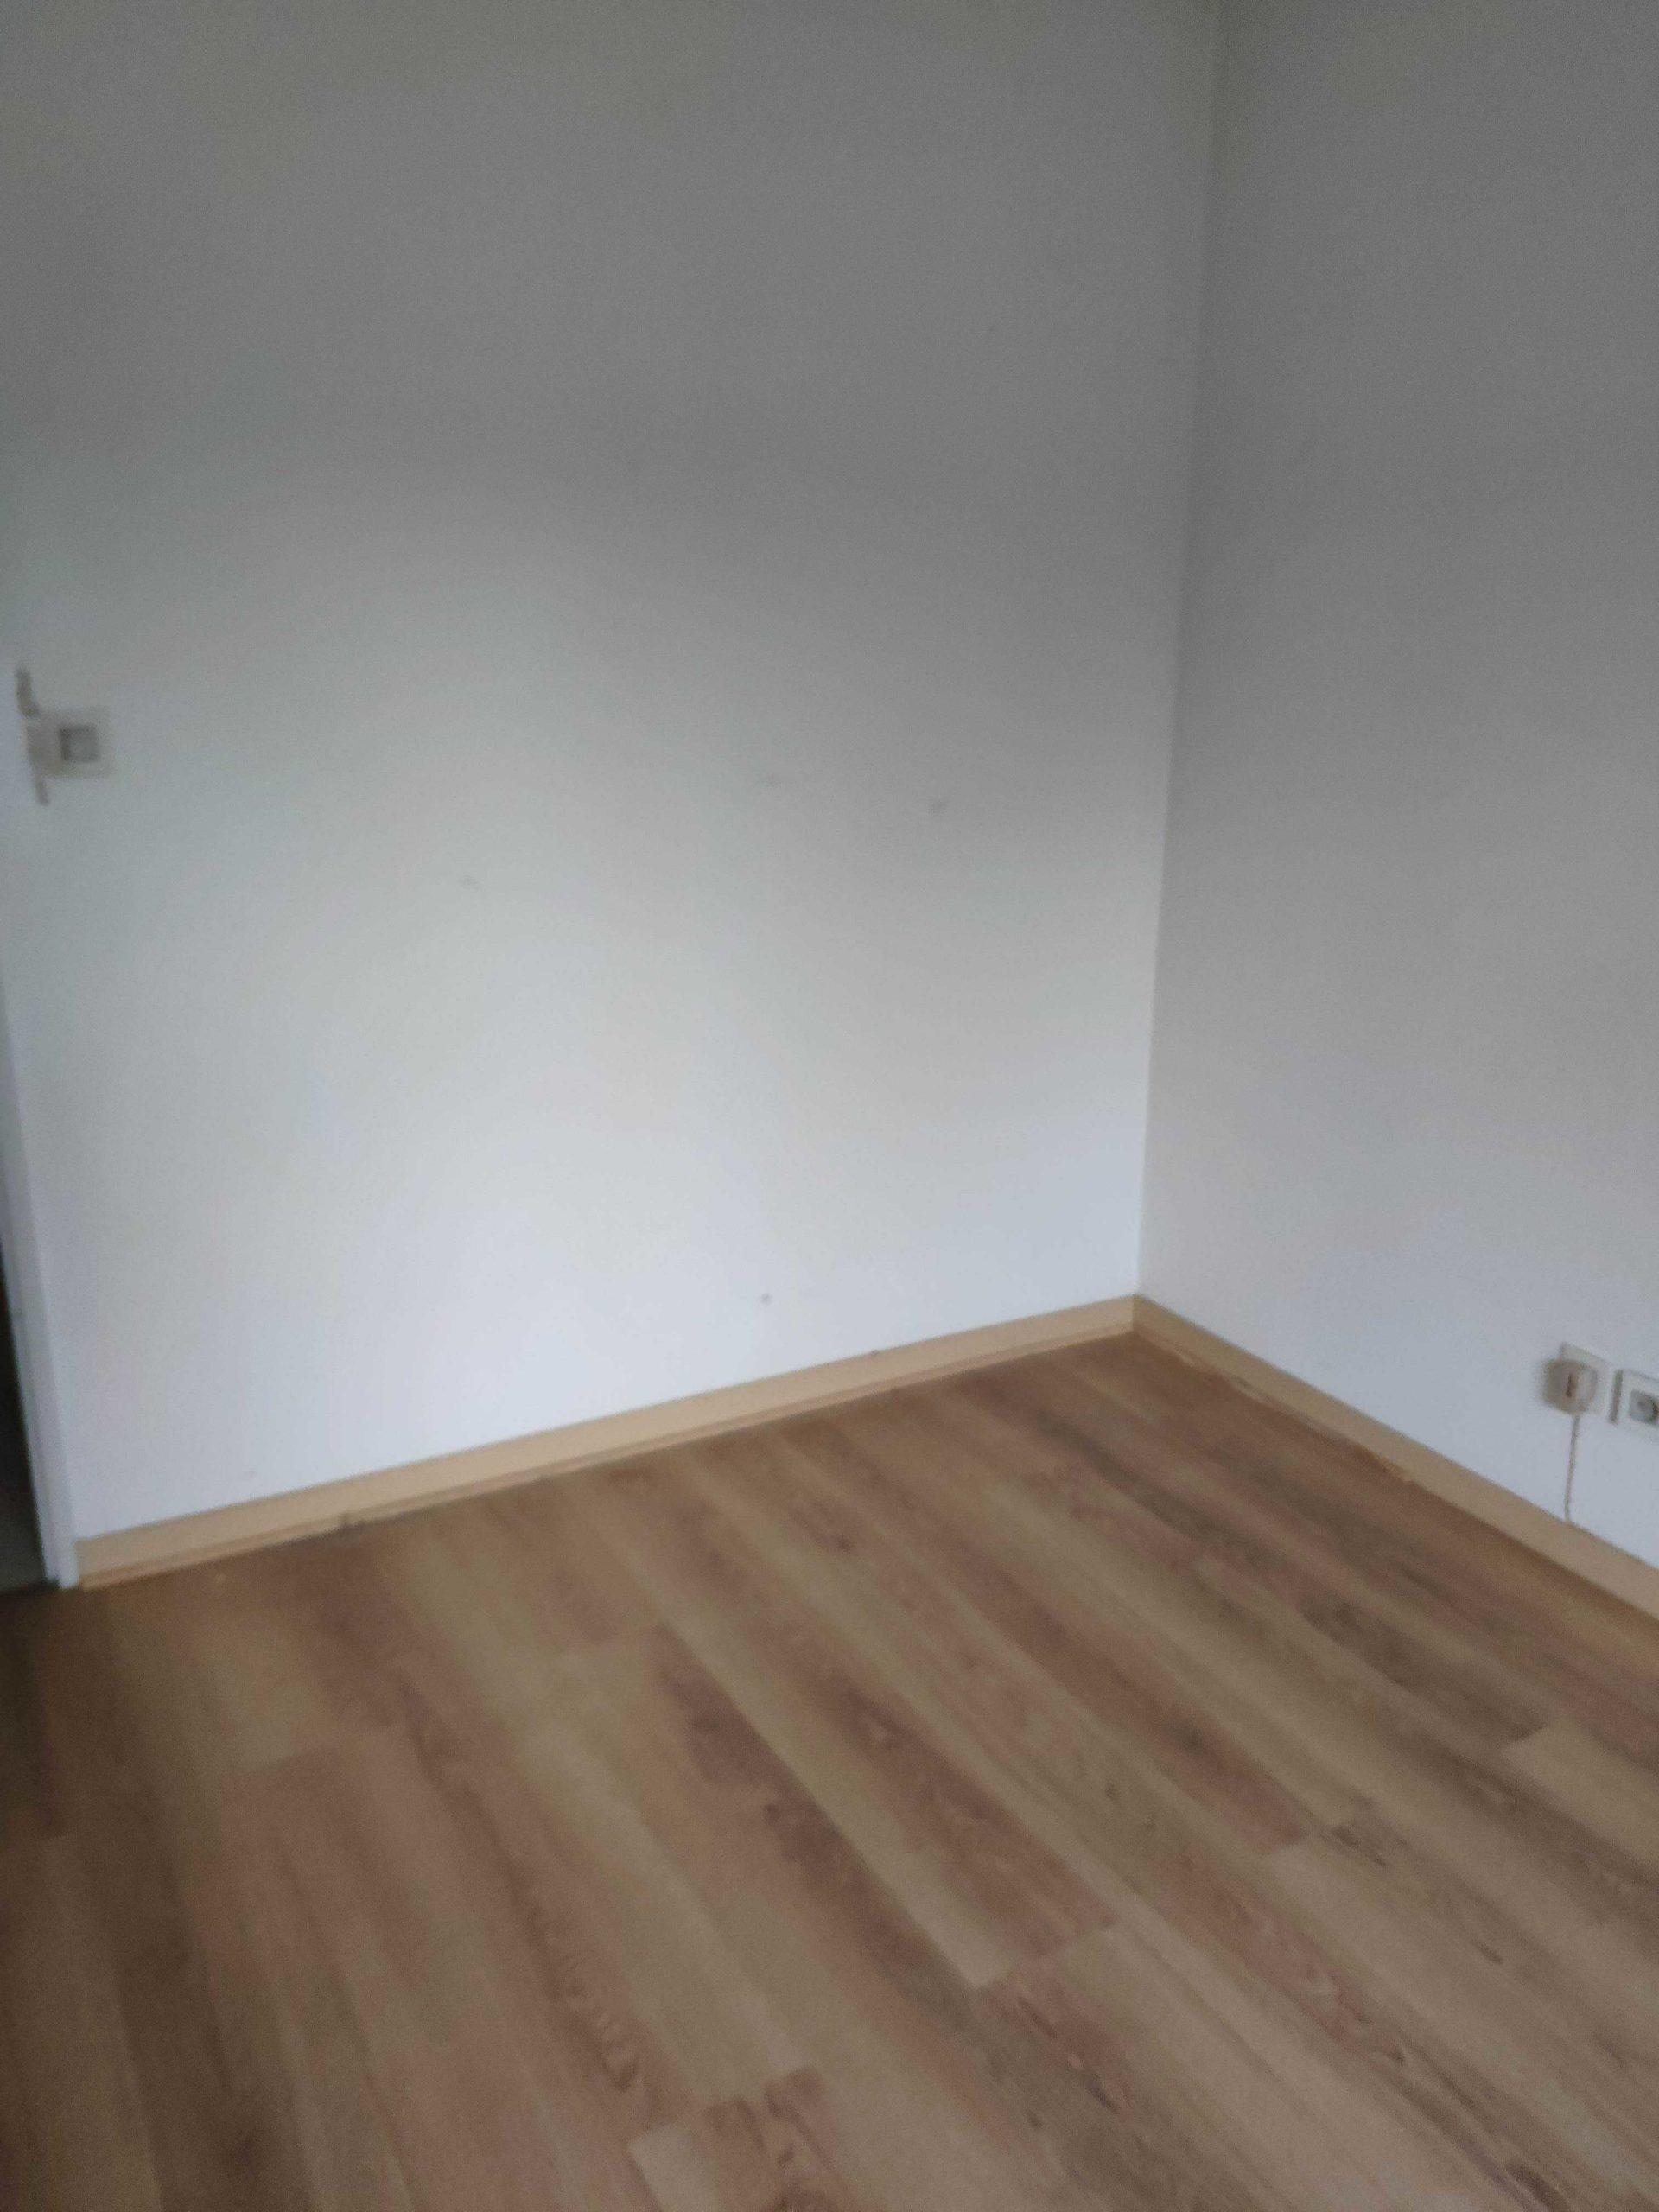 Débarras d'encombrants dans un appartement 2